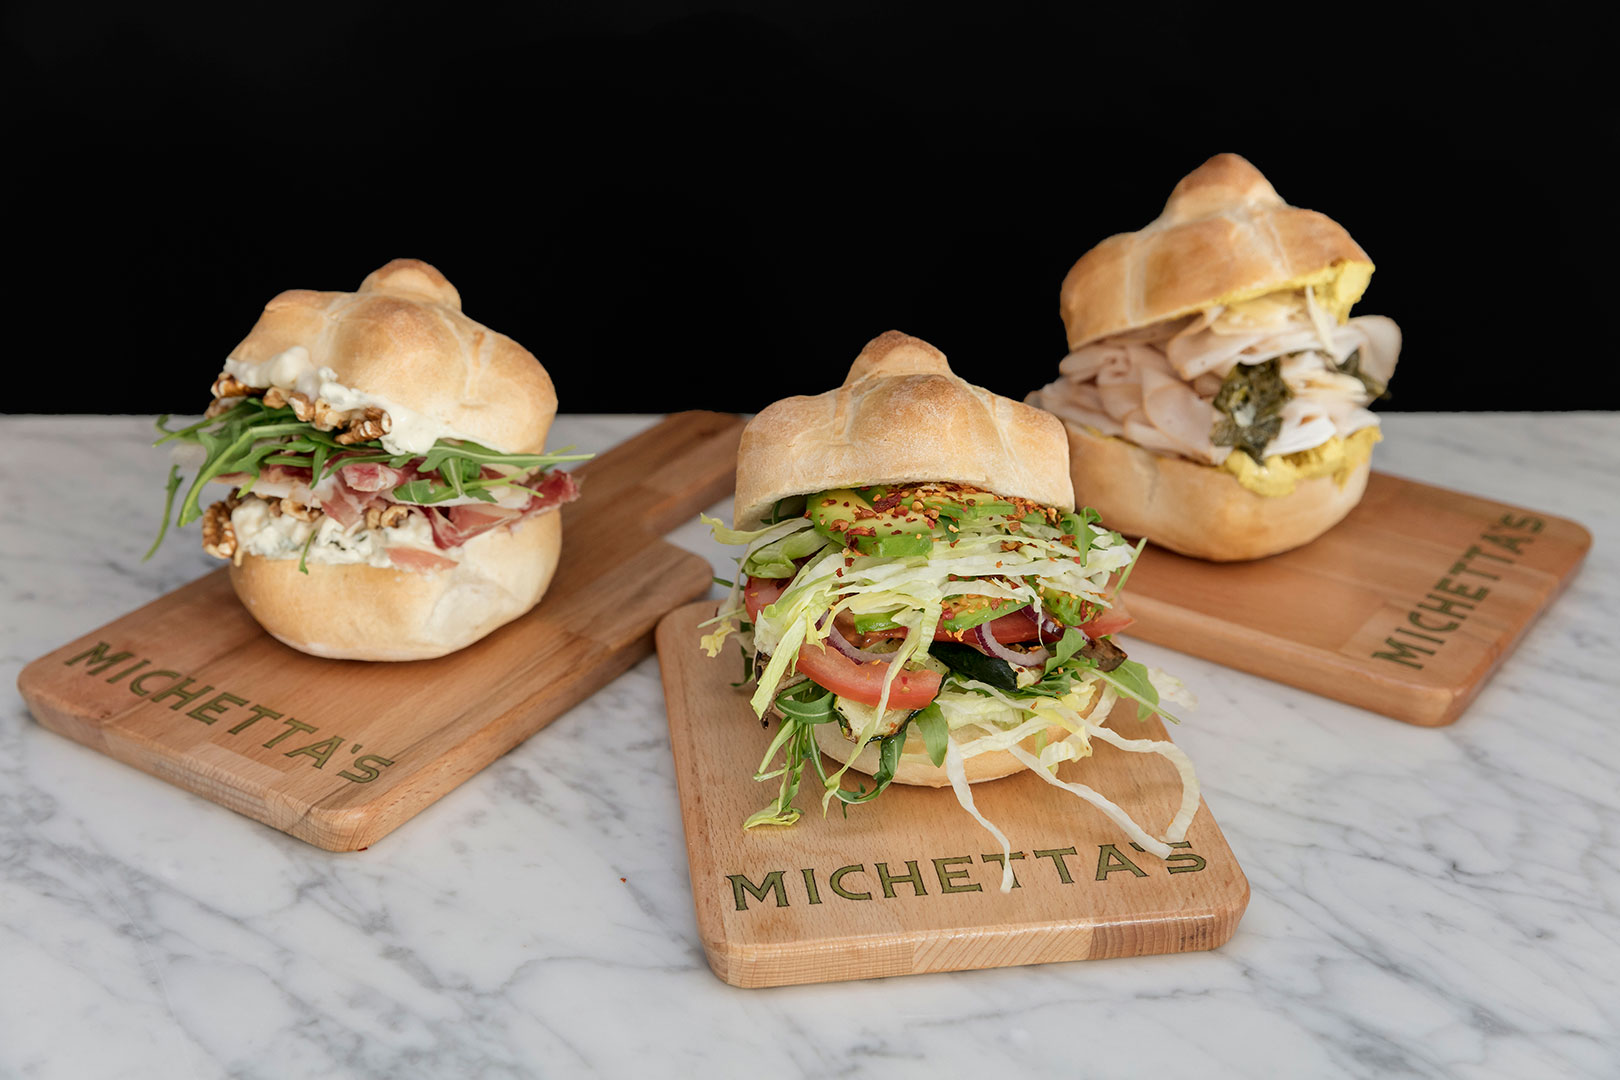 Michetta's Milano